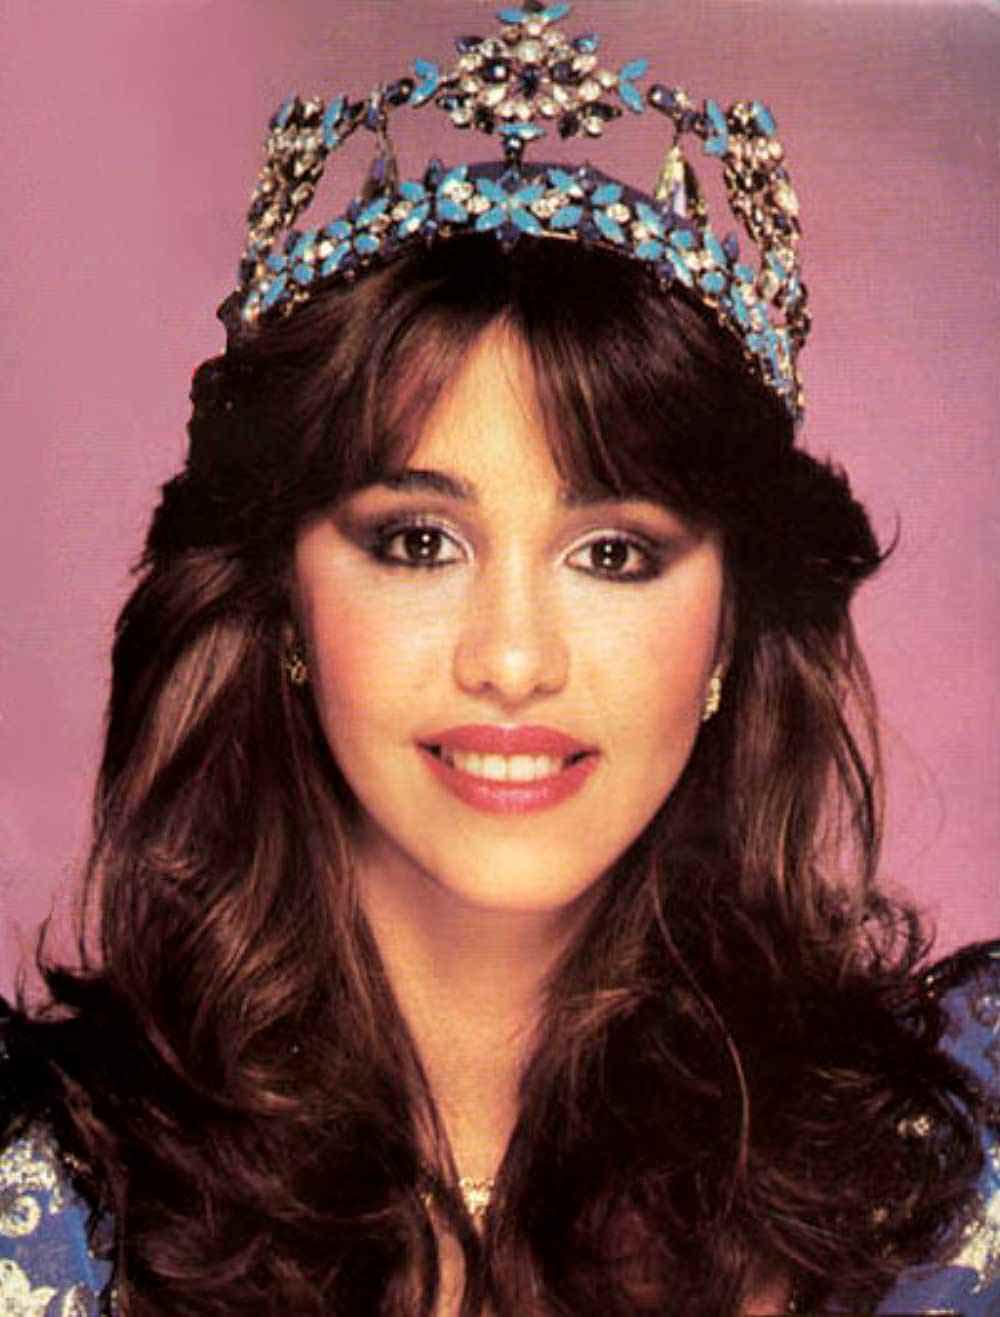 Фото | Мисс Мира 1982 года Мариасела Альварес